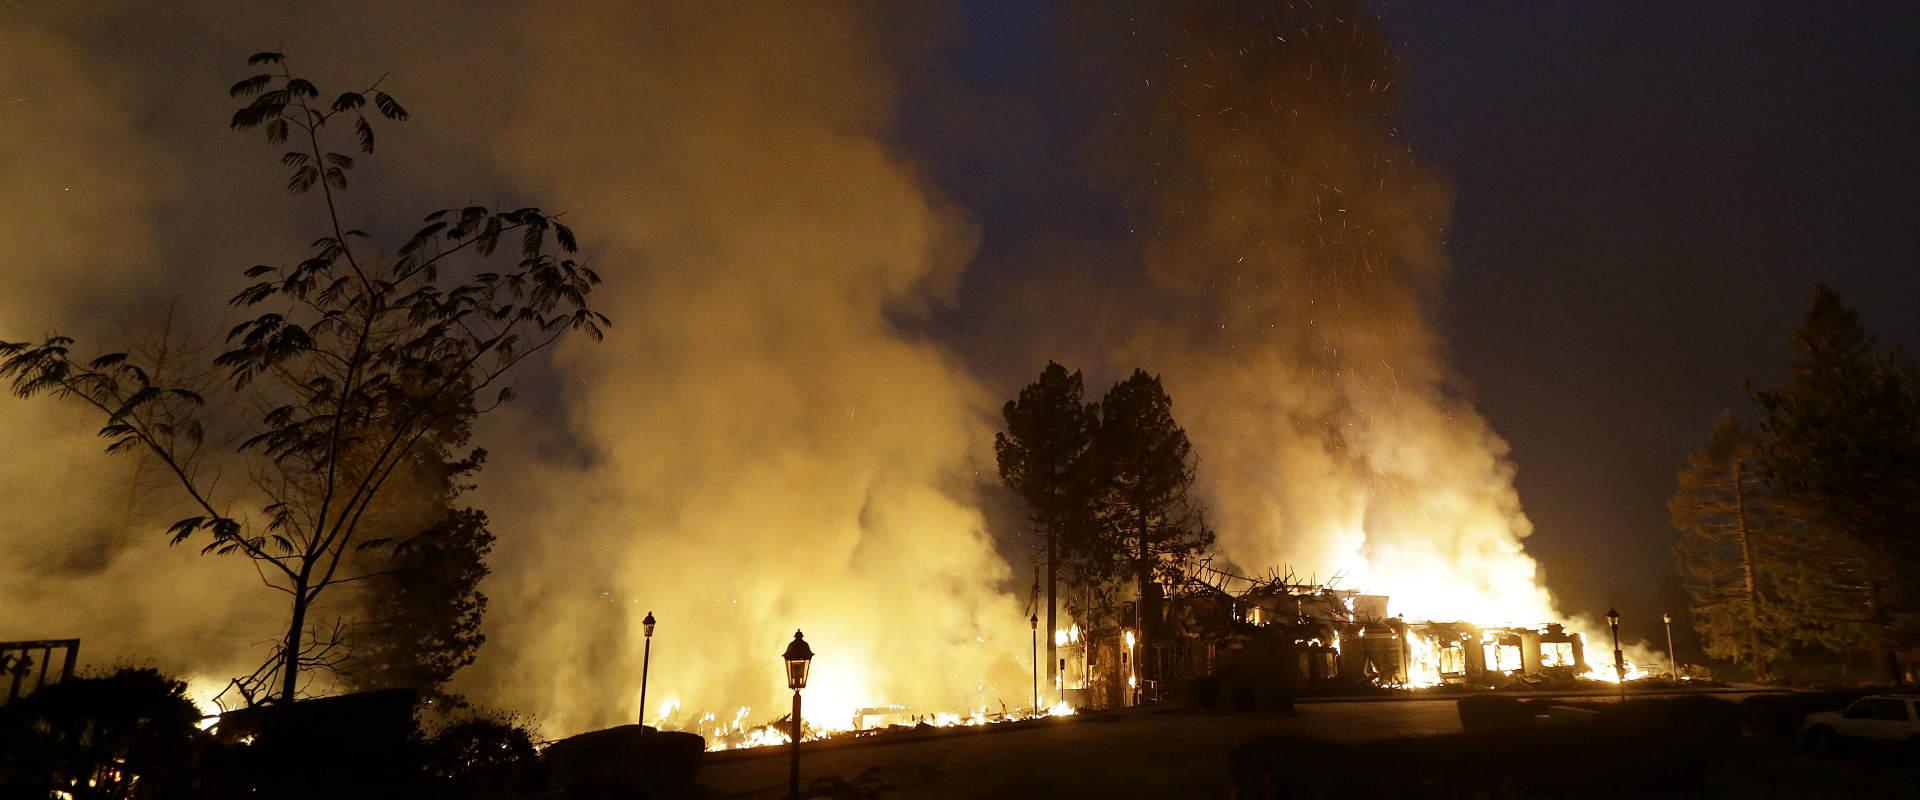 שריפה בסנטה רוזה, הלילה